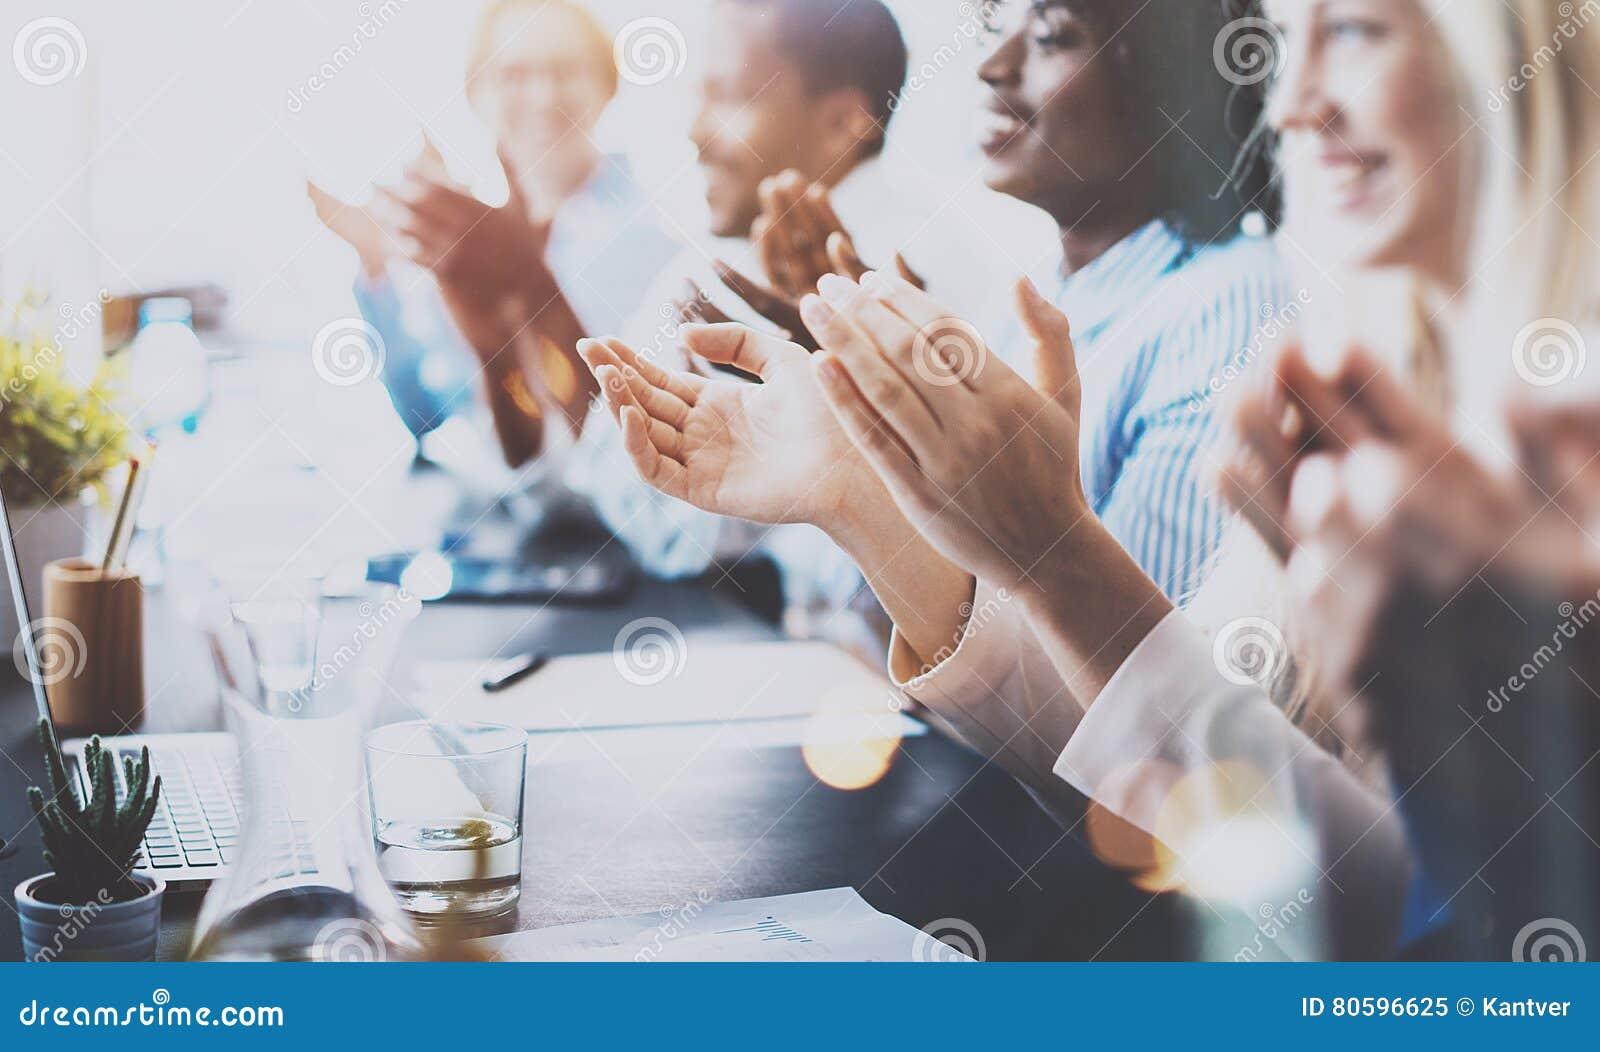 Foto dos sócios que aplaudem as mãos após o seminário do negócio Instrução profissional, reunião do trabalho, apresentação ou tre